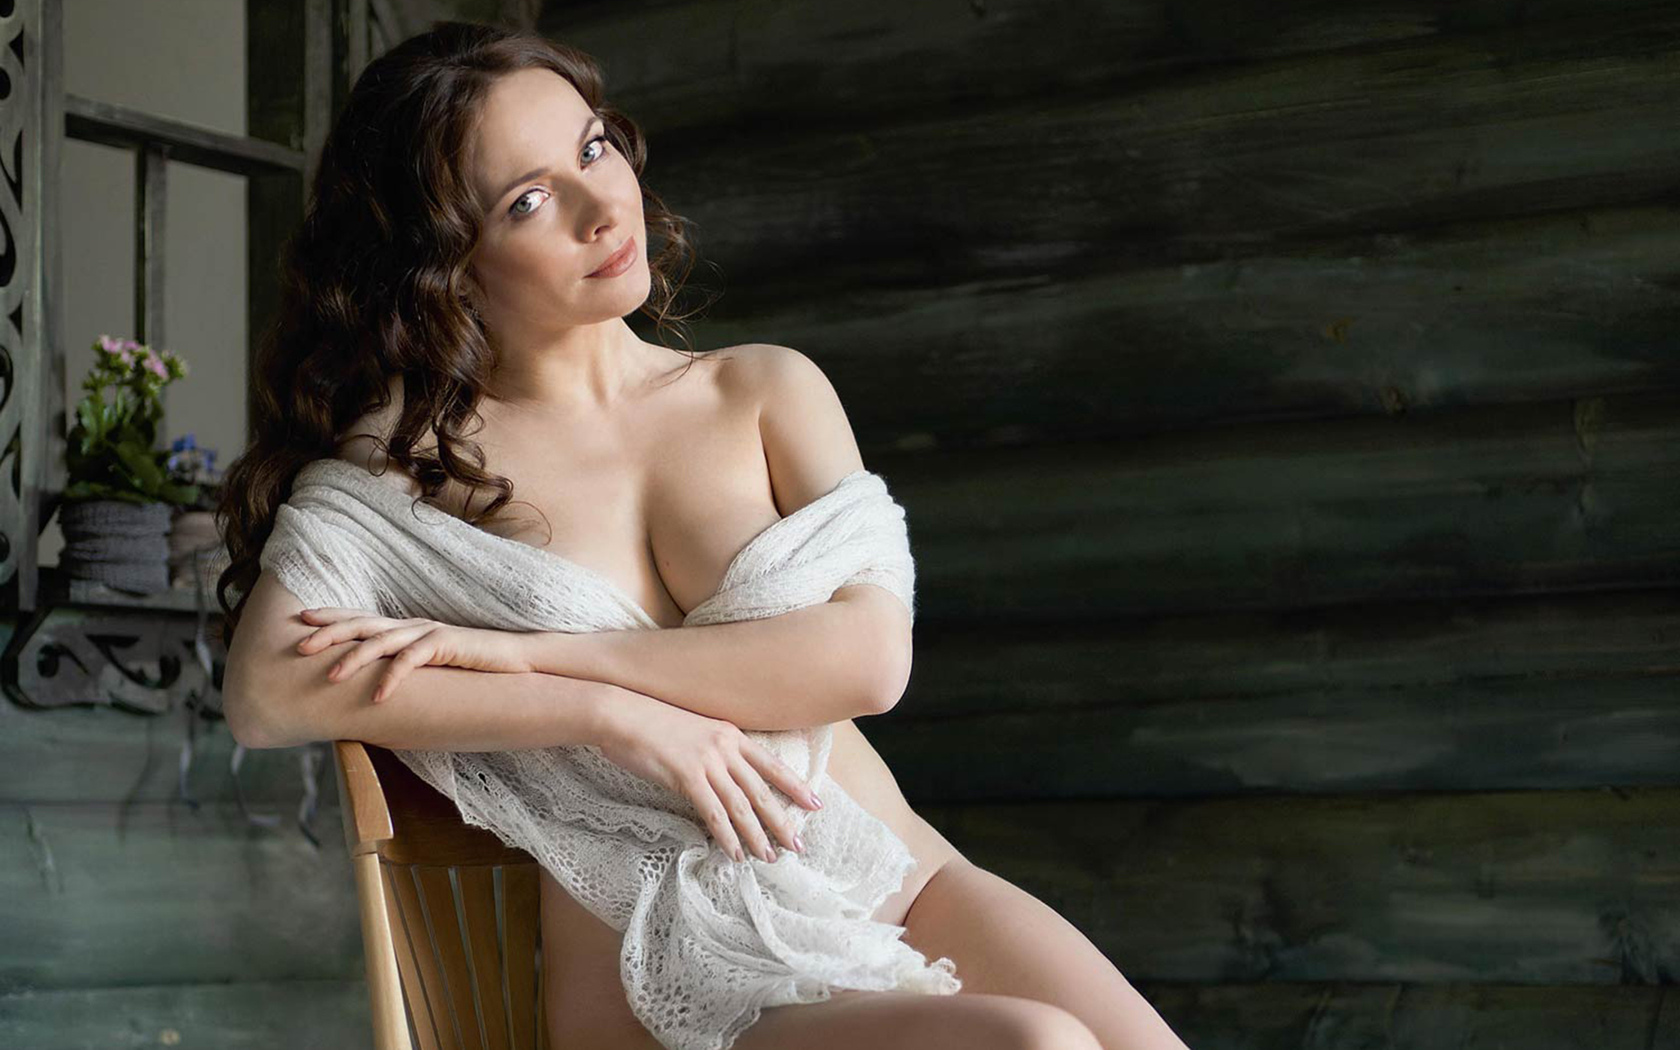 Фото Екатерины Гусевой в журнале Максим